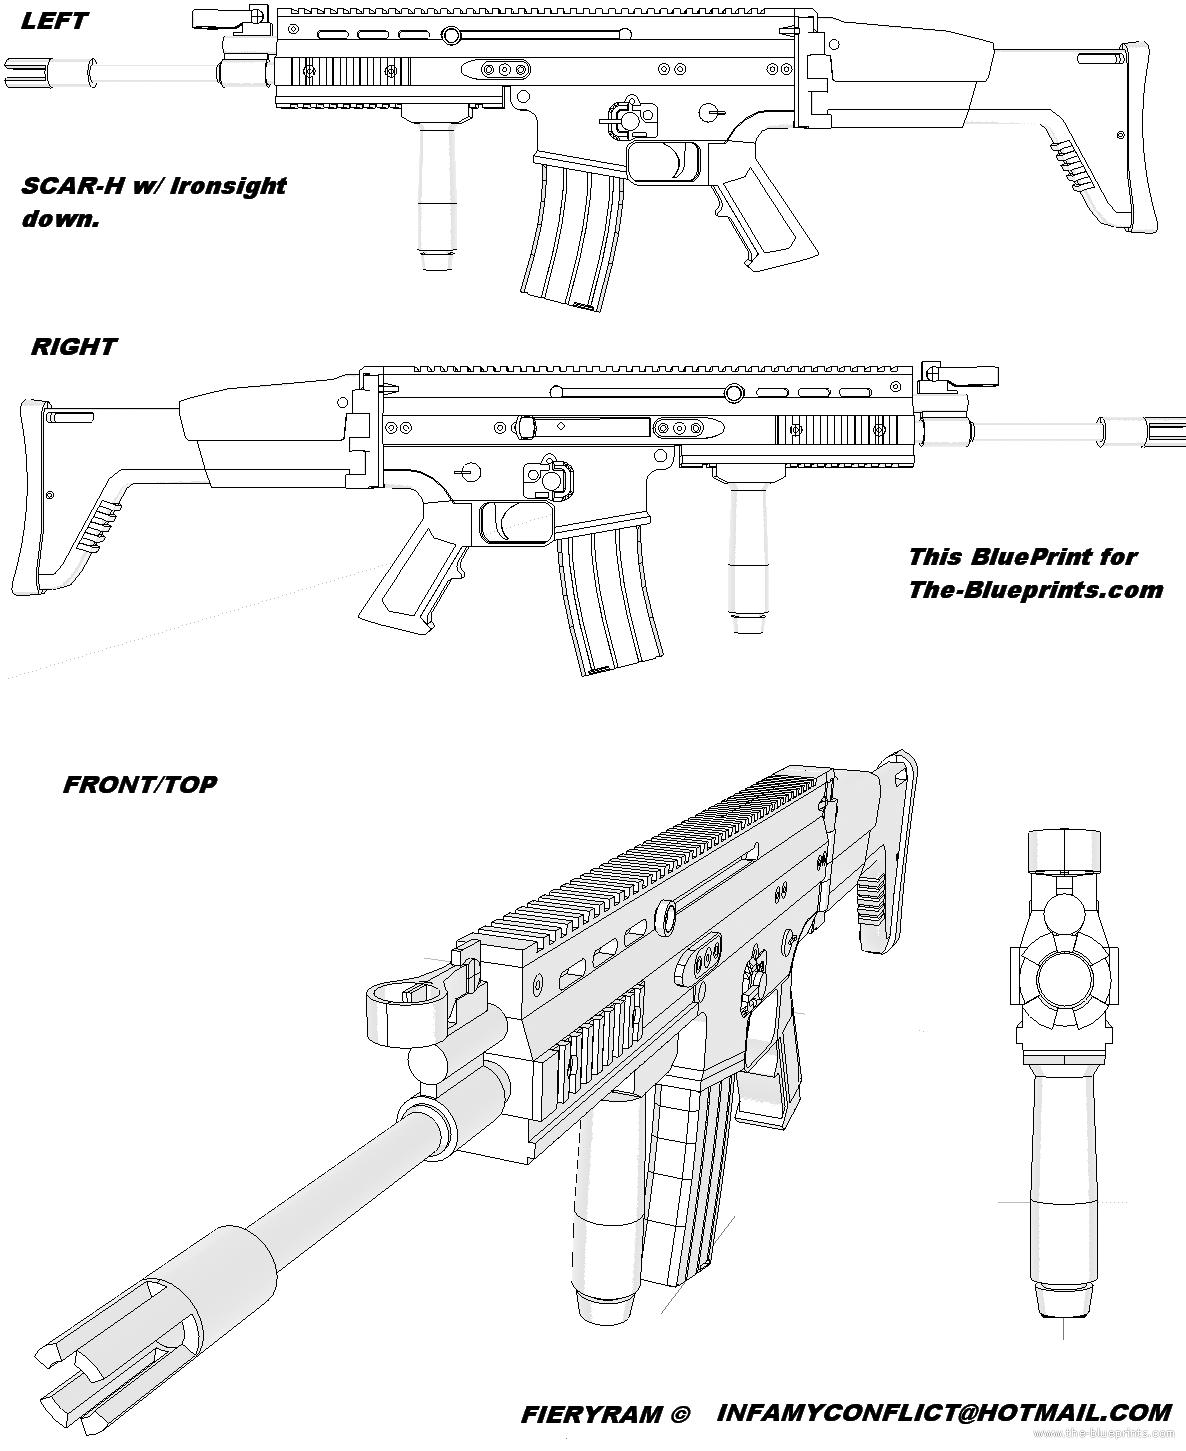 SCAR-H | Gun Blueprints | Pinterest | Guns and Weapons